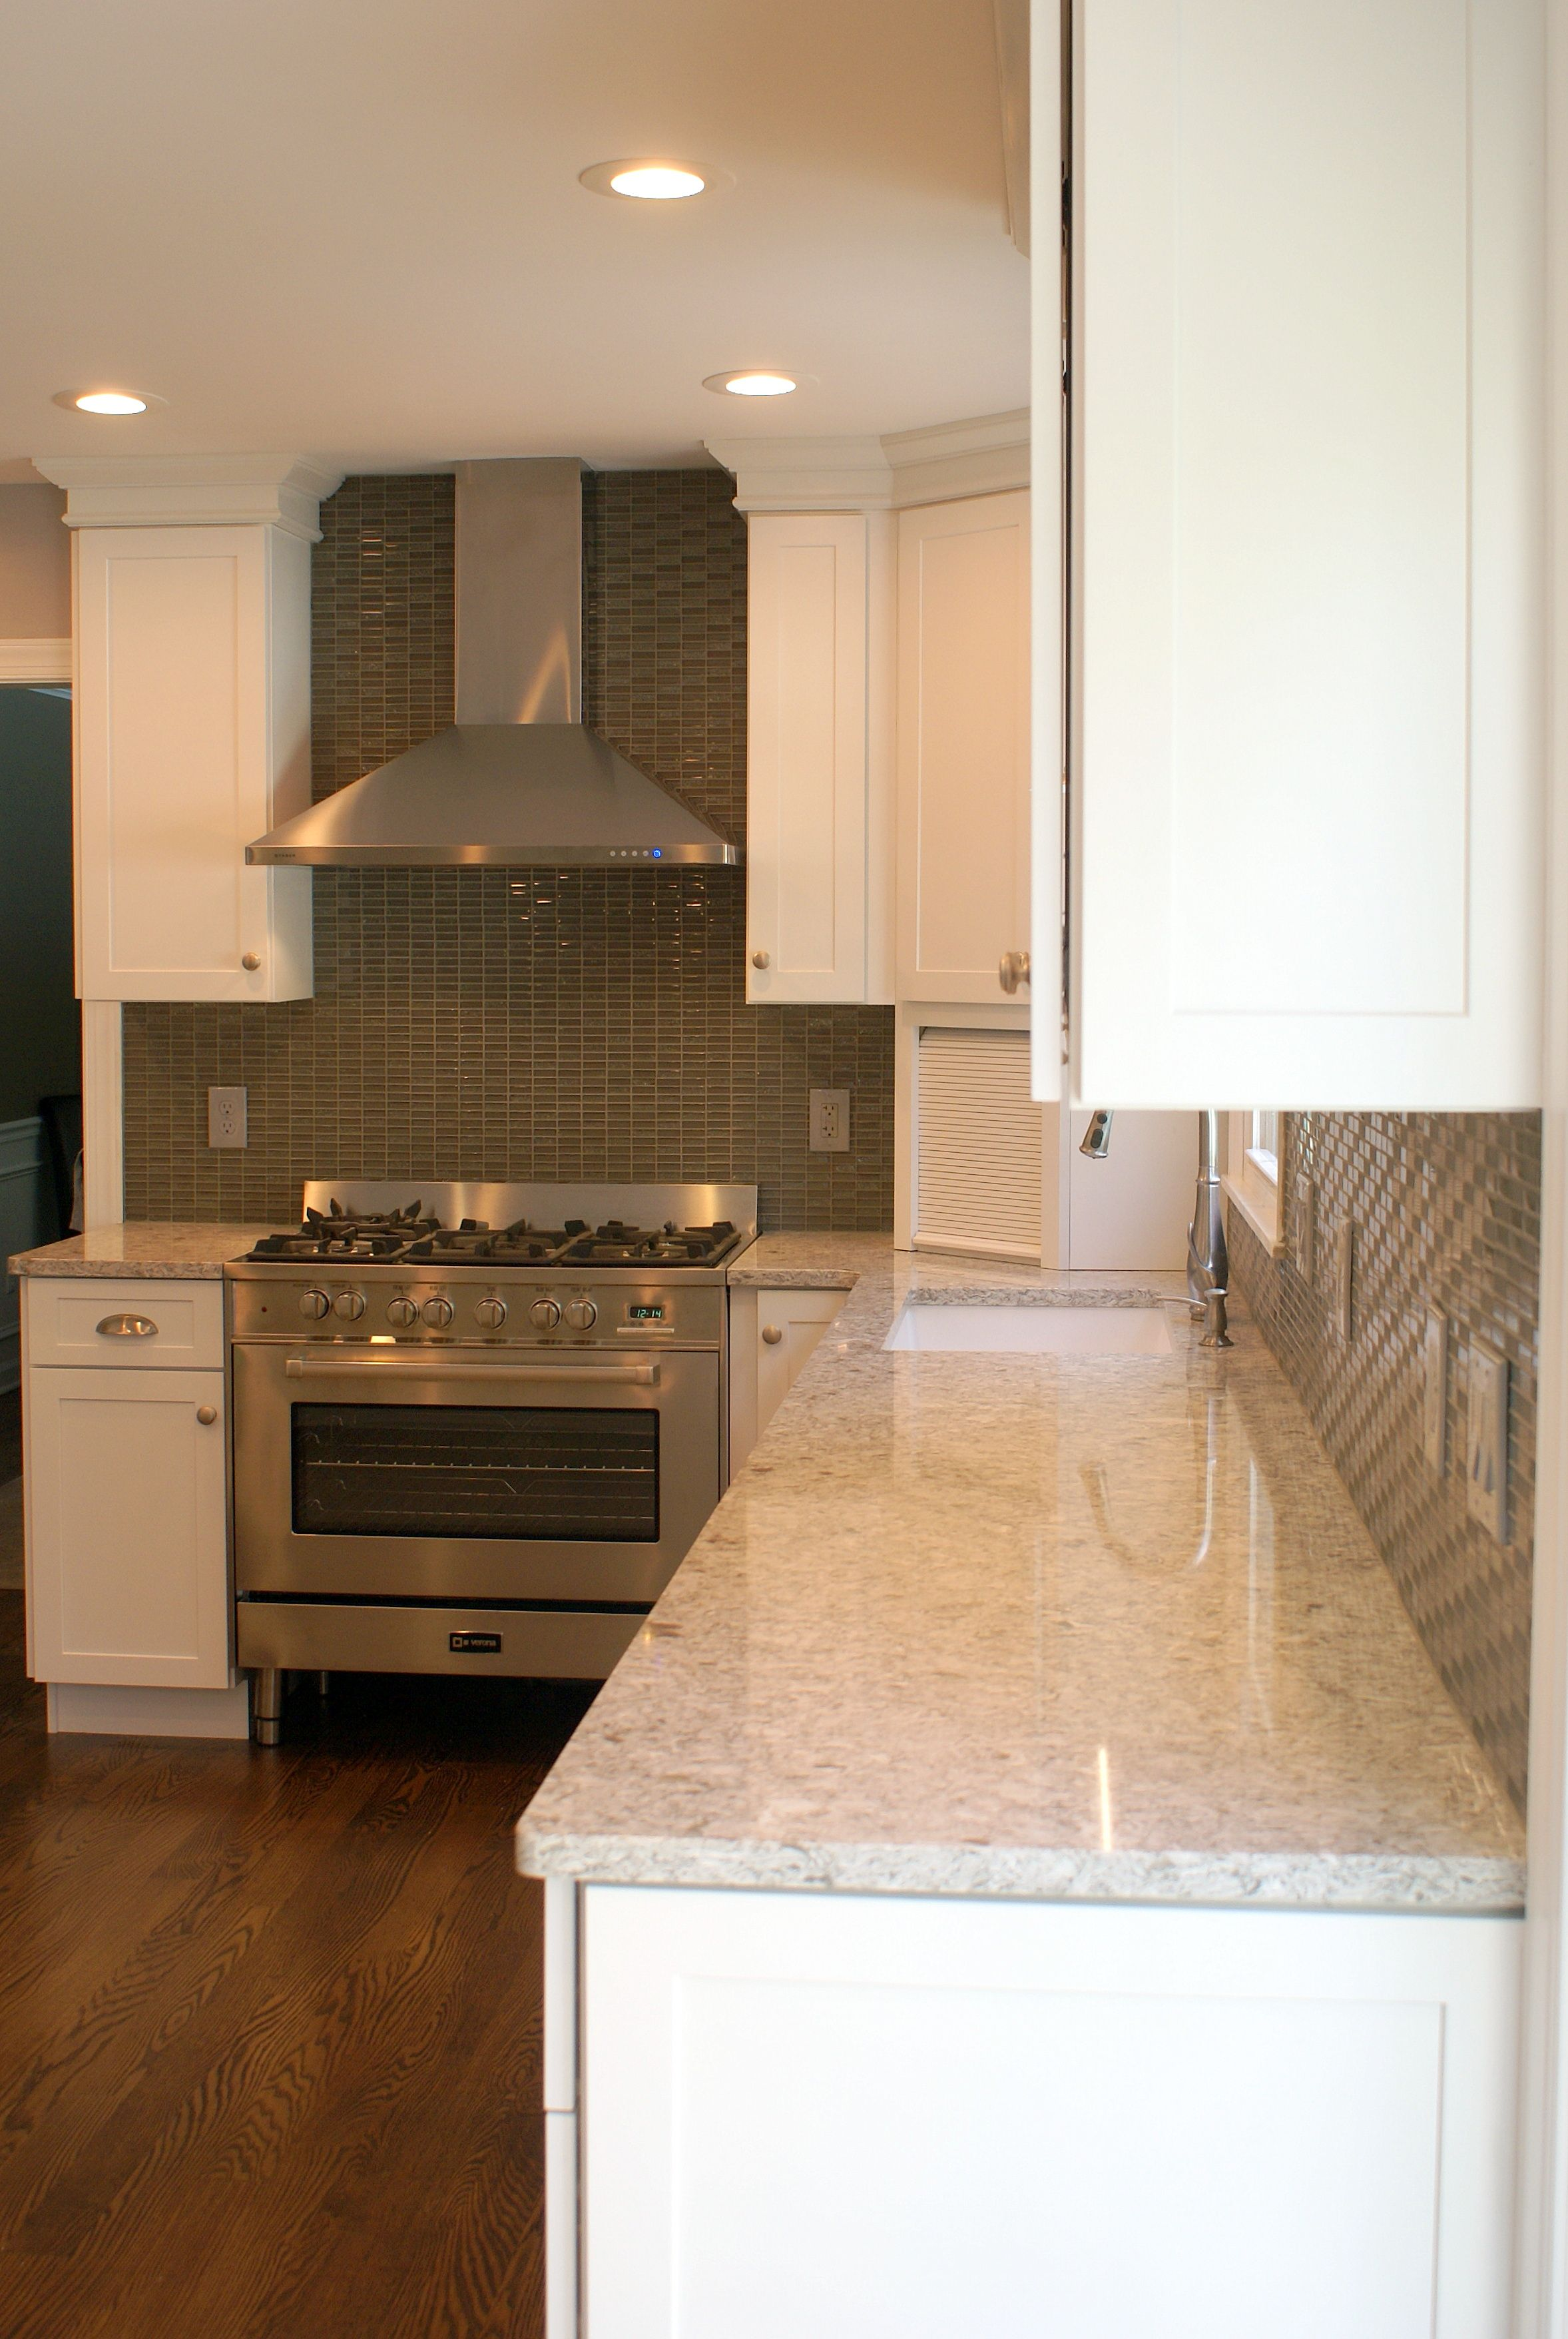 white diamond kitchen with new quay quartz countertops 4 of 15 kitchen top quartz kitchen on kitchen island ideas white quartz id=95412